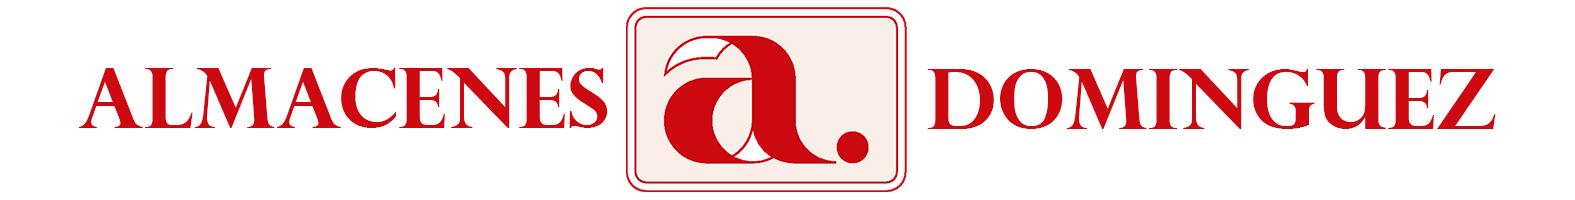 ALMACENES DOMINGUEZ